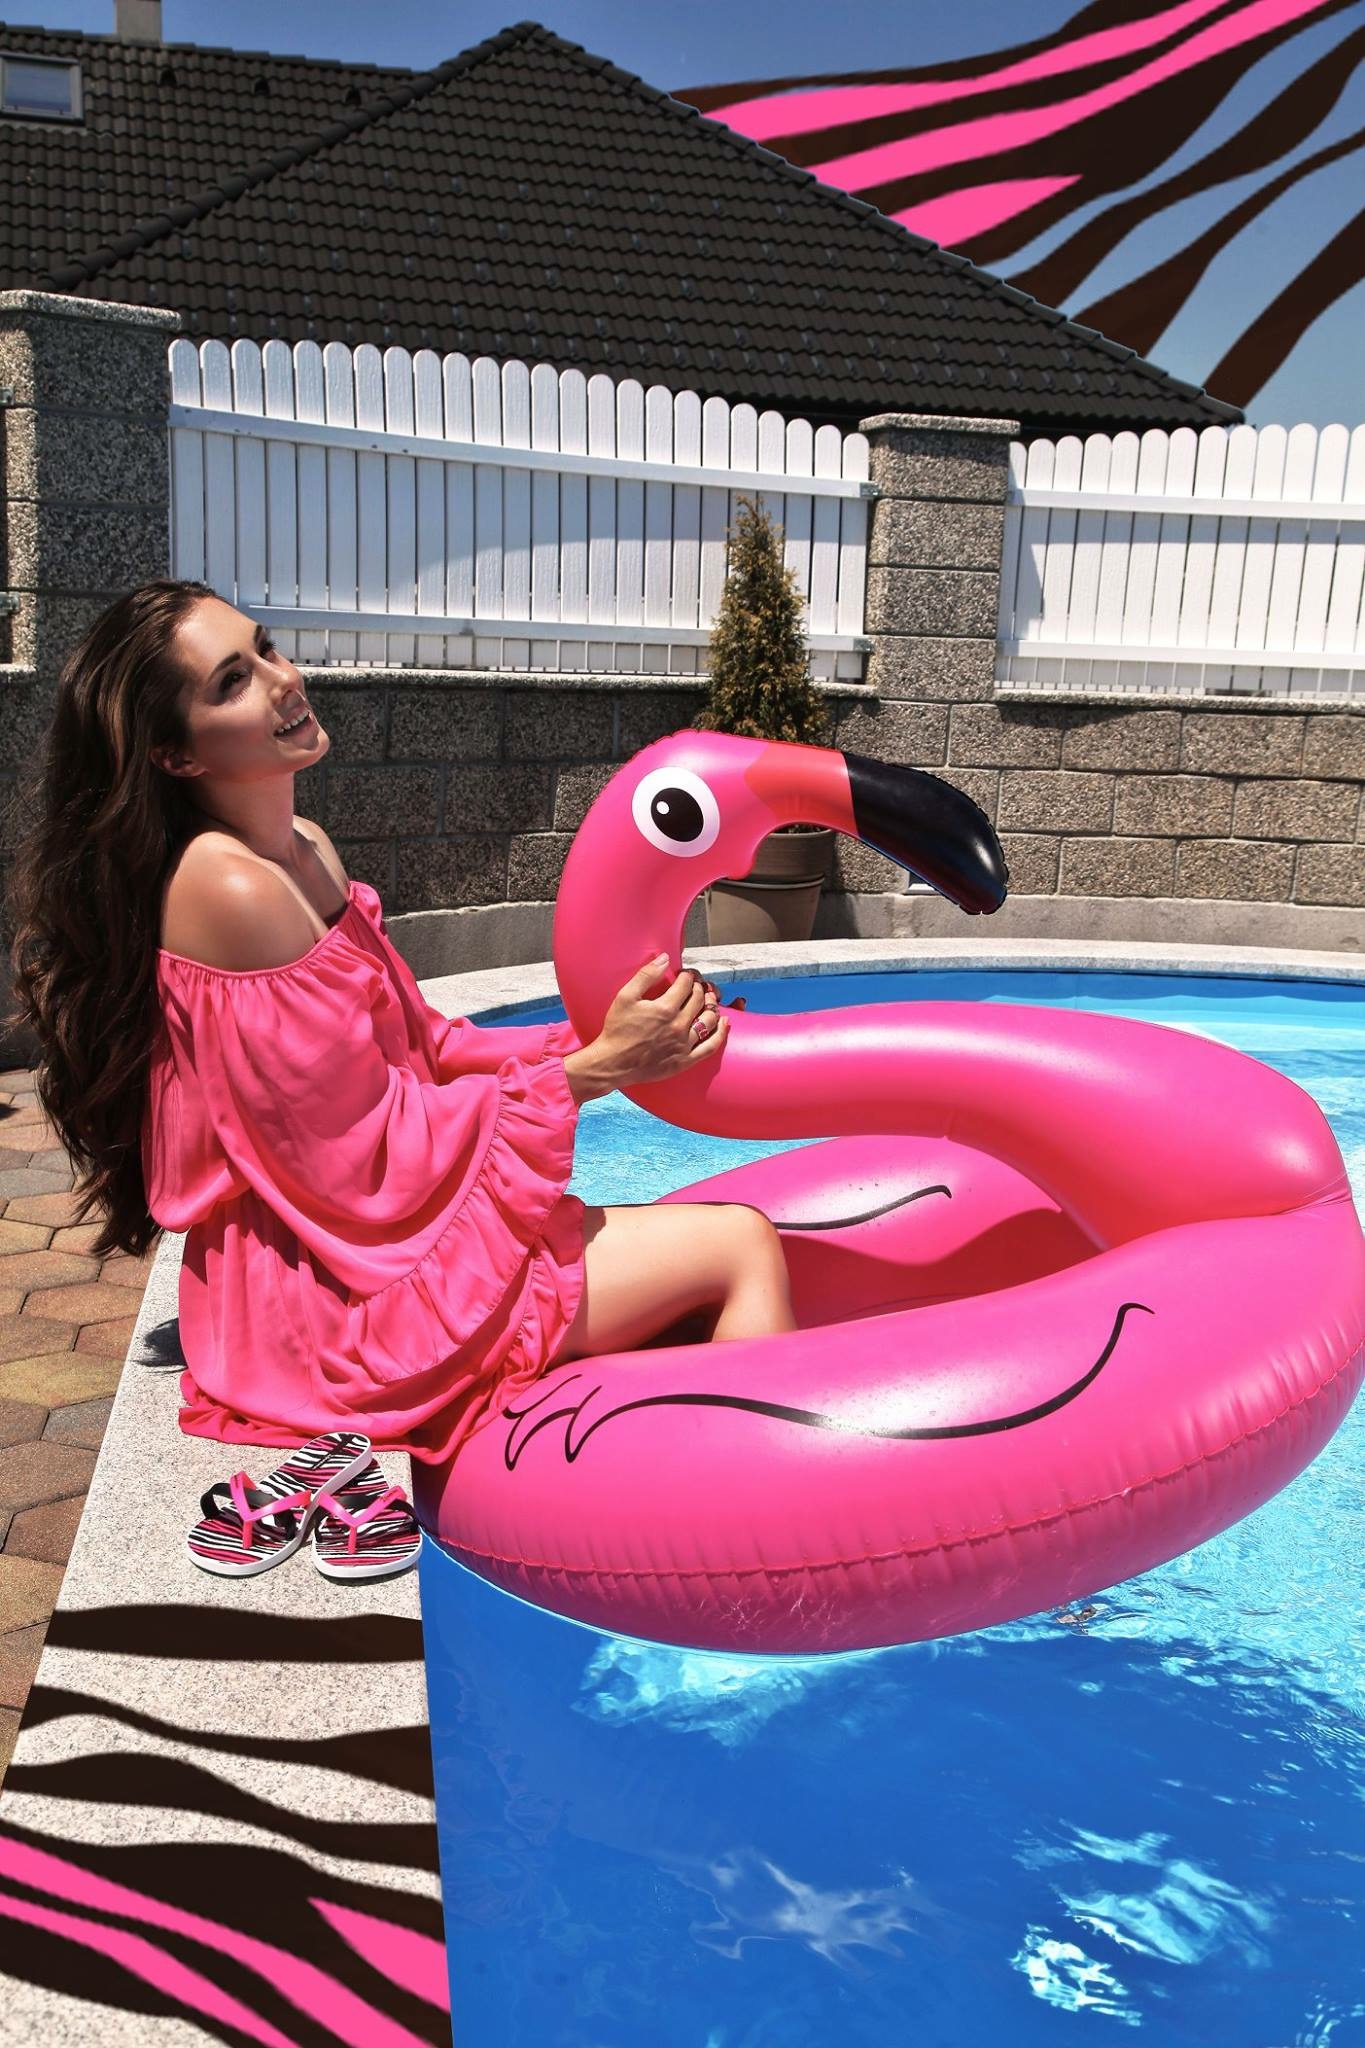 Grazia.si | Dijana Rose | Želim navdihniti ženske, da sledijo svoji strasti.jpg